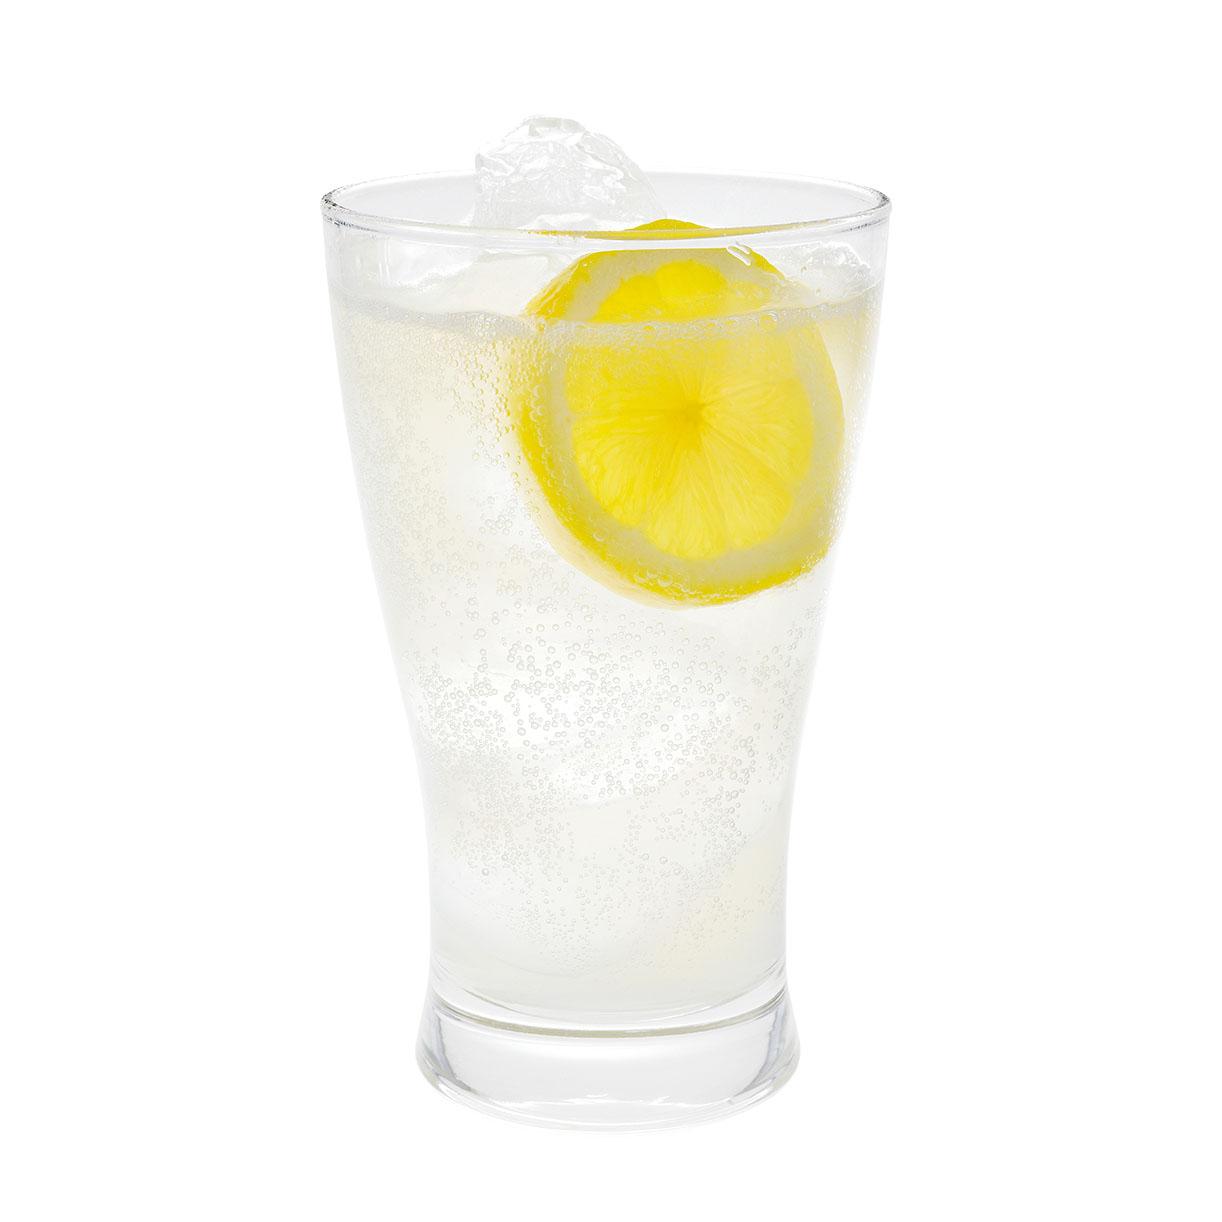 レモネードシロップアレンジ!大人はほろ酔いレモンサワー